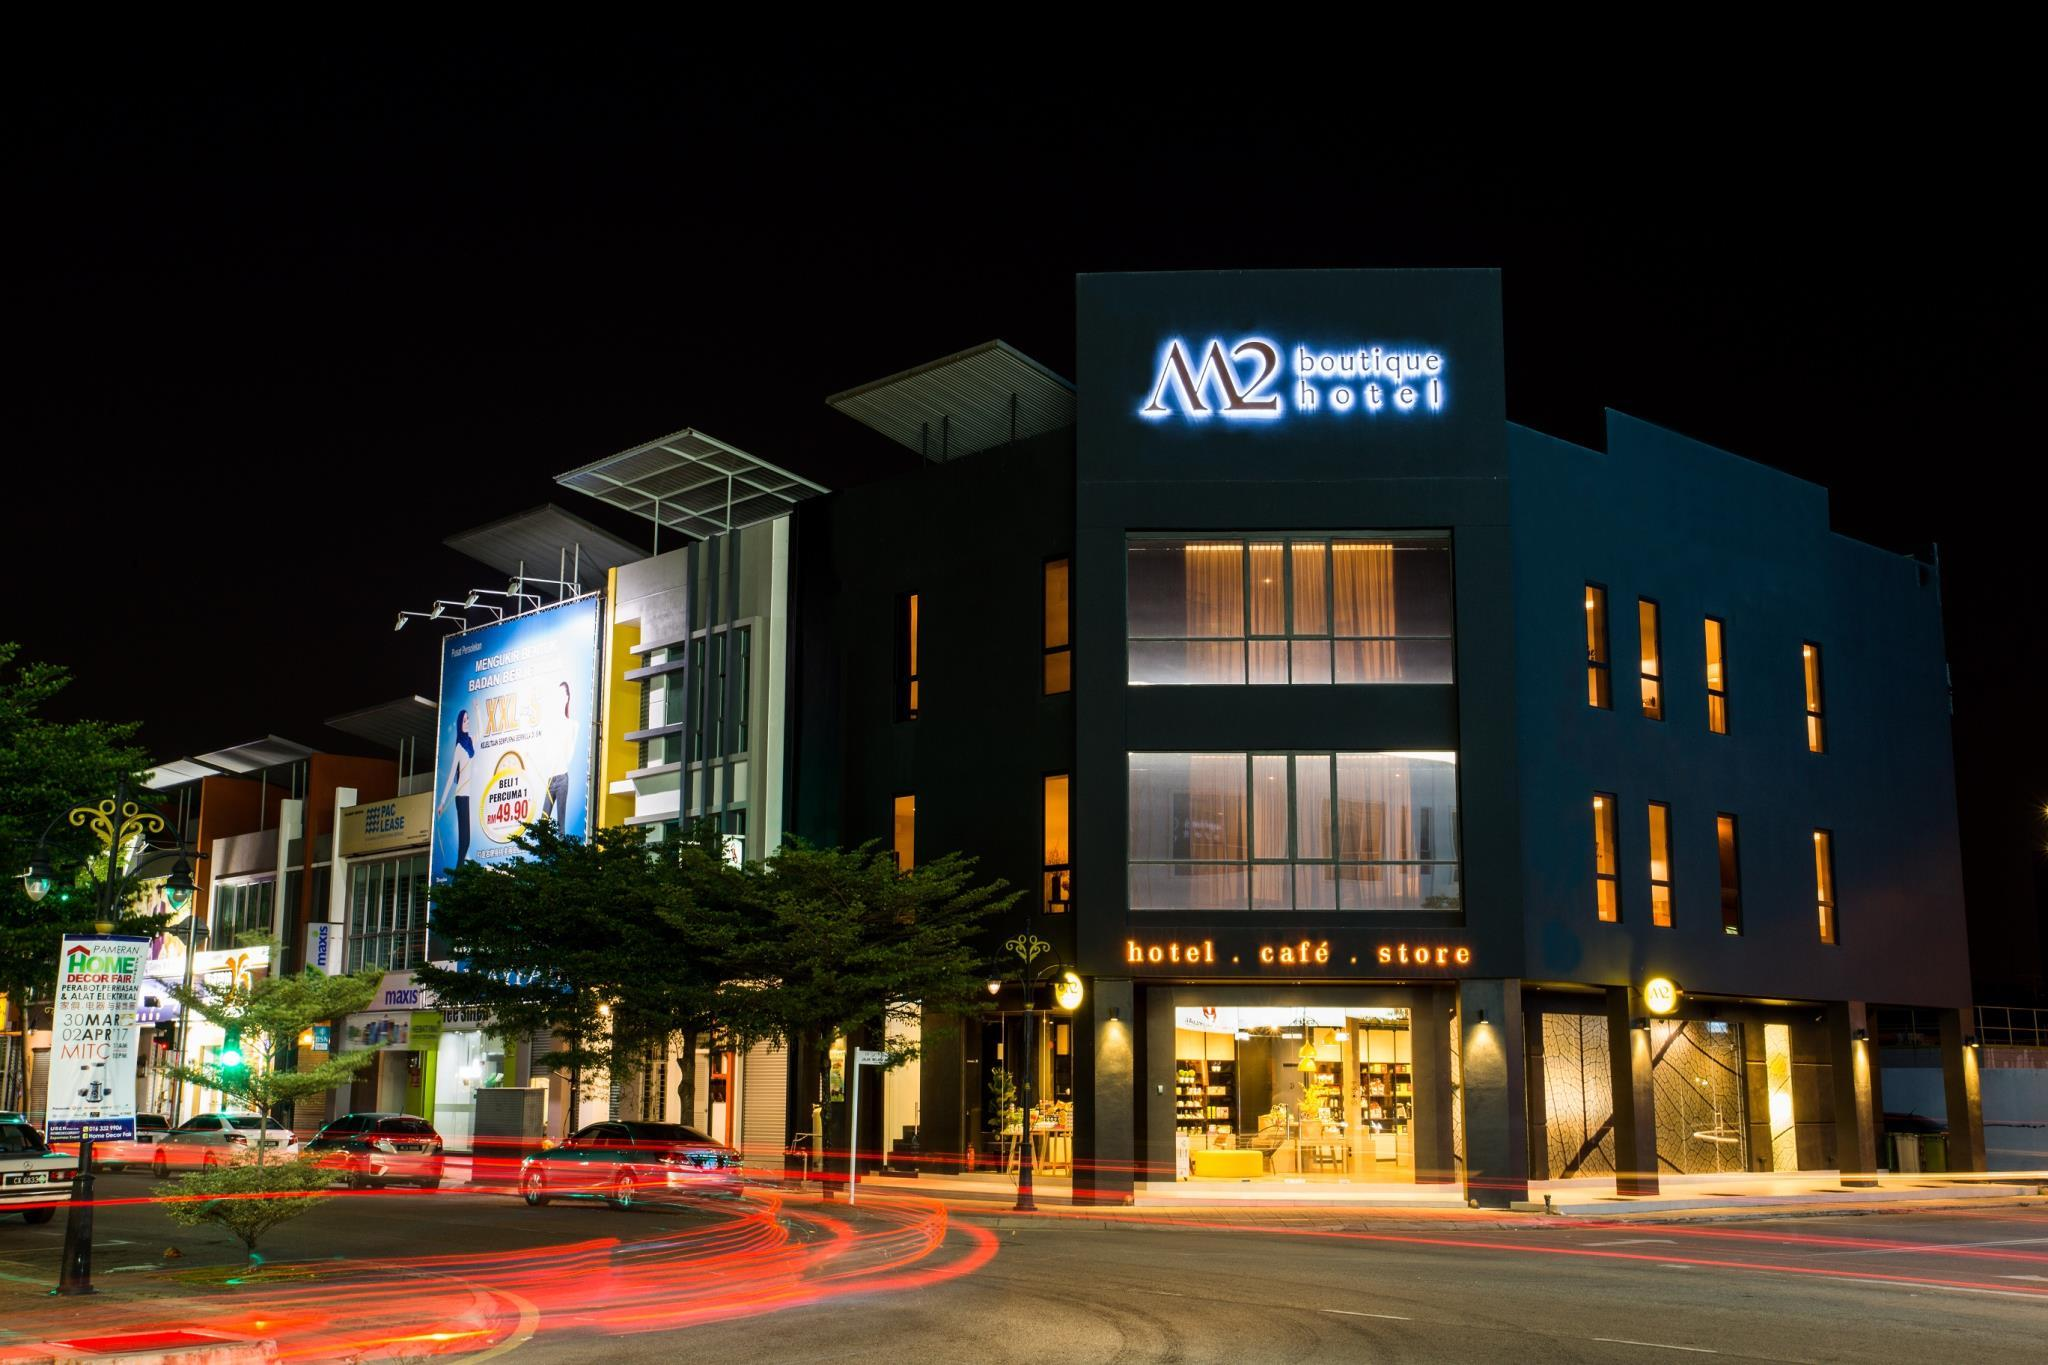 M2 Boutique Hotel